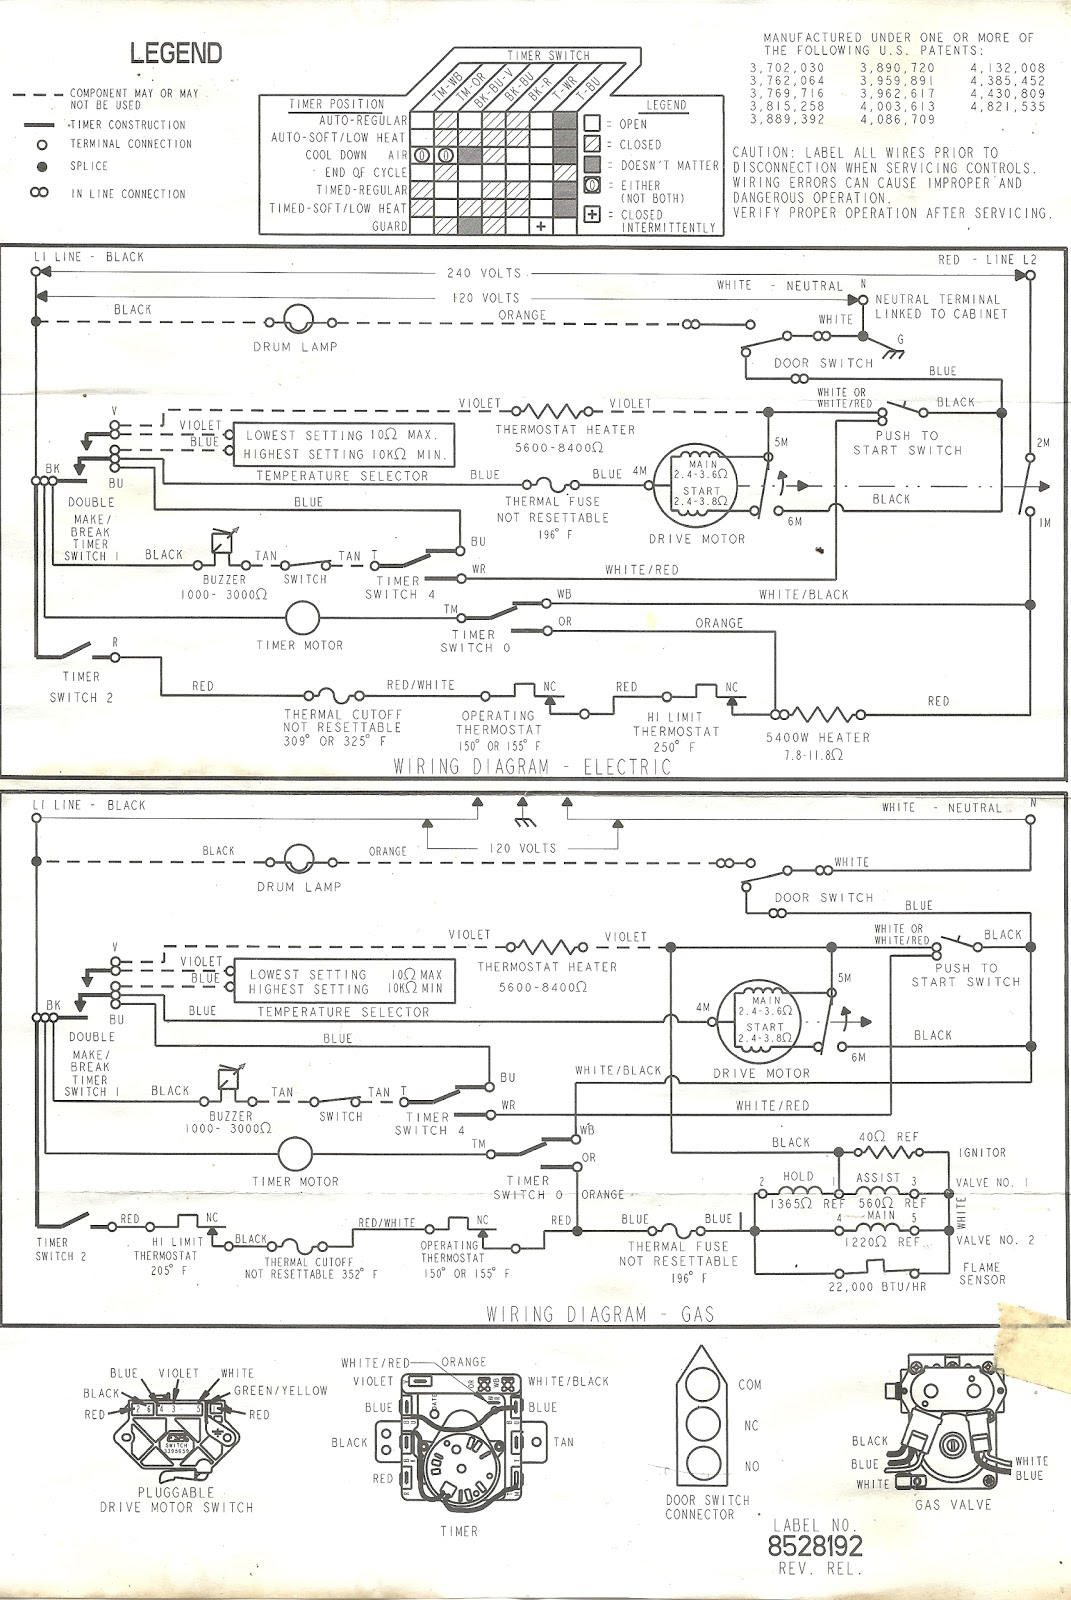 Kenmore Dryer Wiring Diagrams : kenmore, dryer, wiring, diagrams, Appliance, Talk:, Wiring, Diagram, Kenmore, Dryer, Schematic